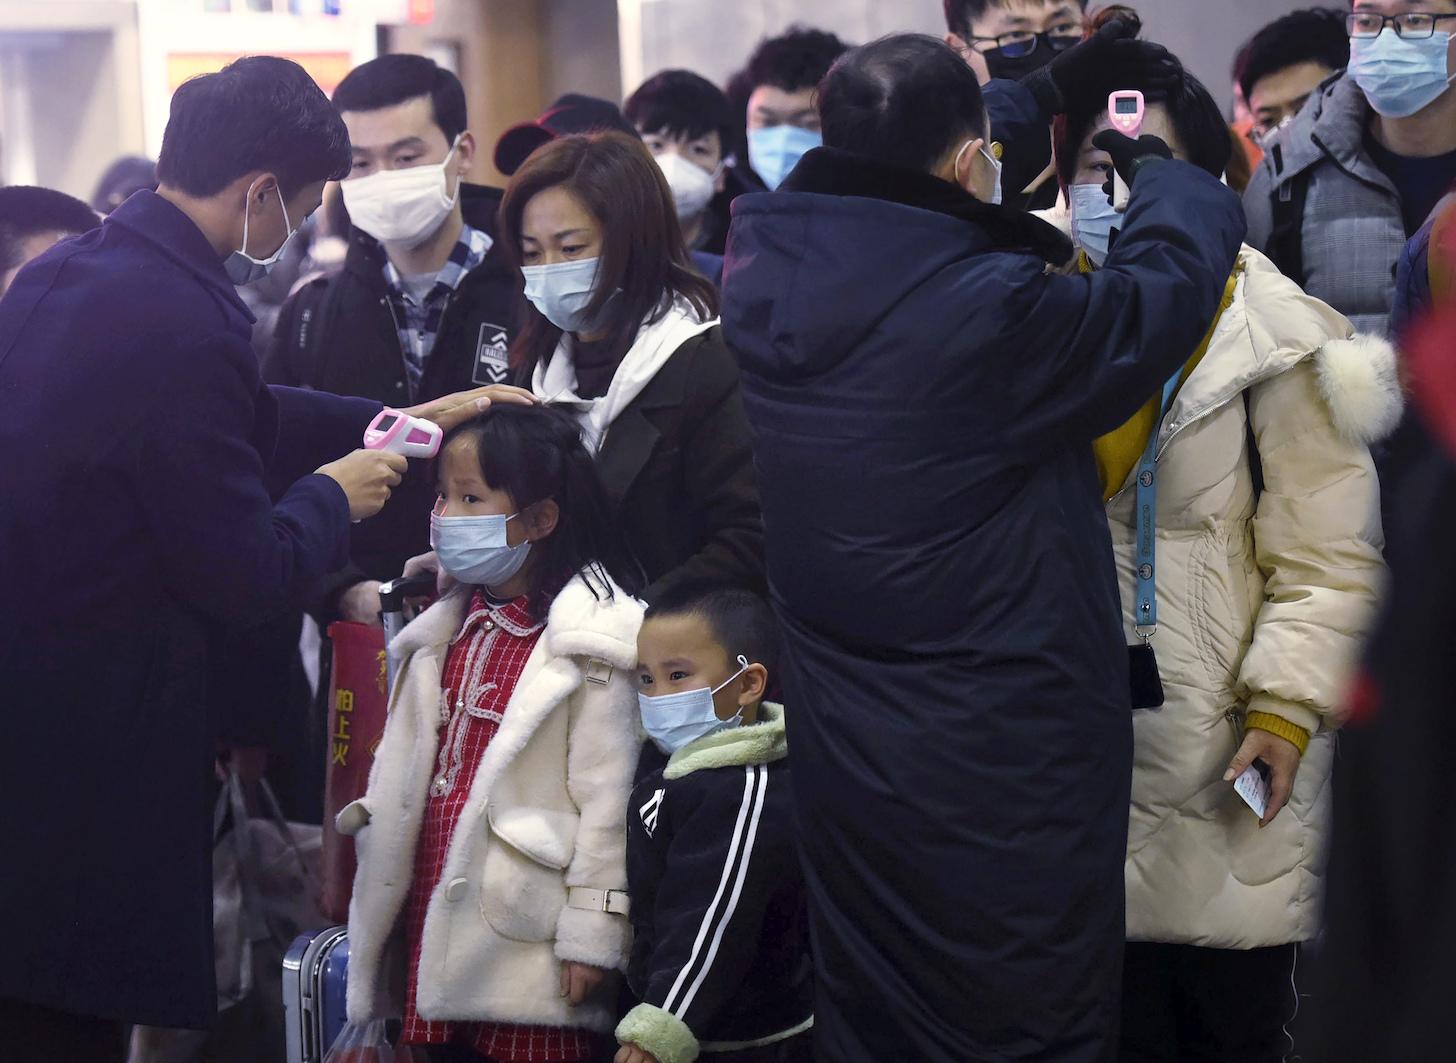 【新冠肺炎】父母坚持去桂林网民苦劝不果 讨论区:若中奖勿回来害人